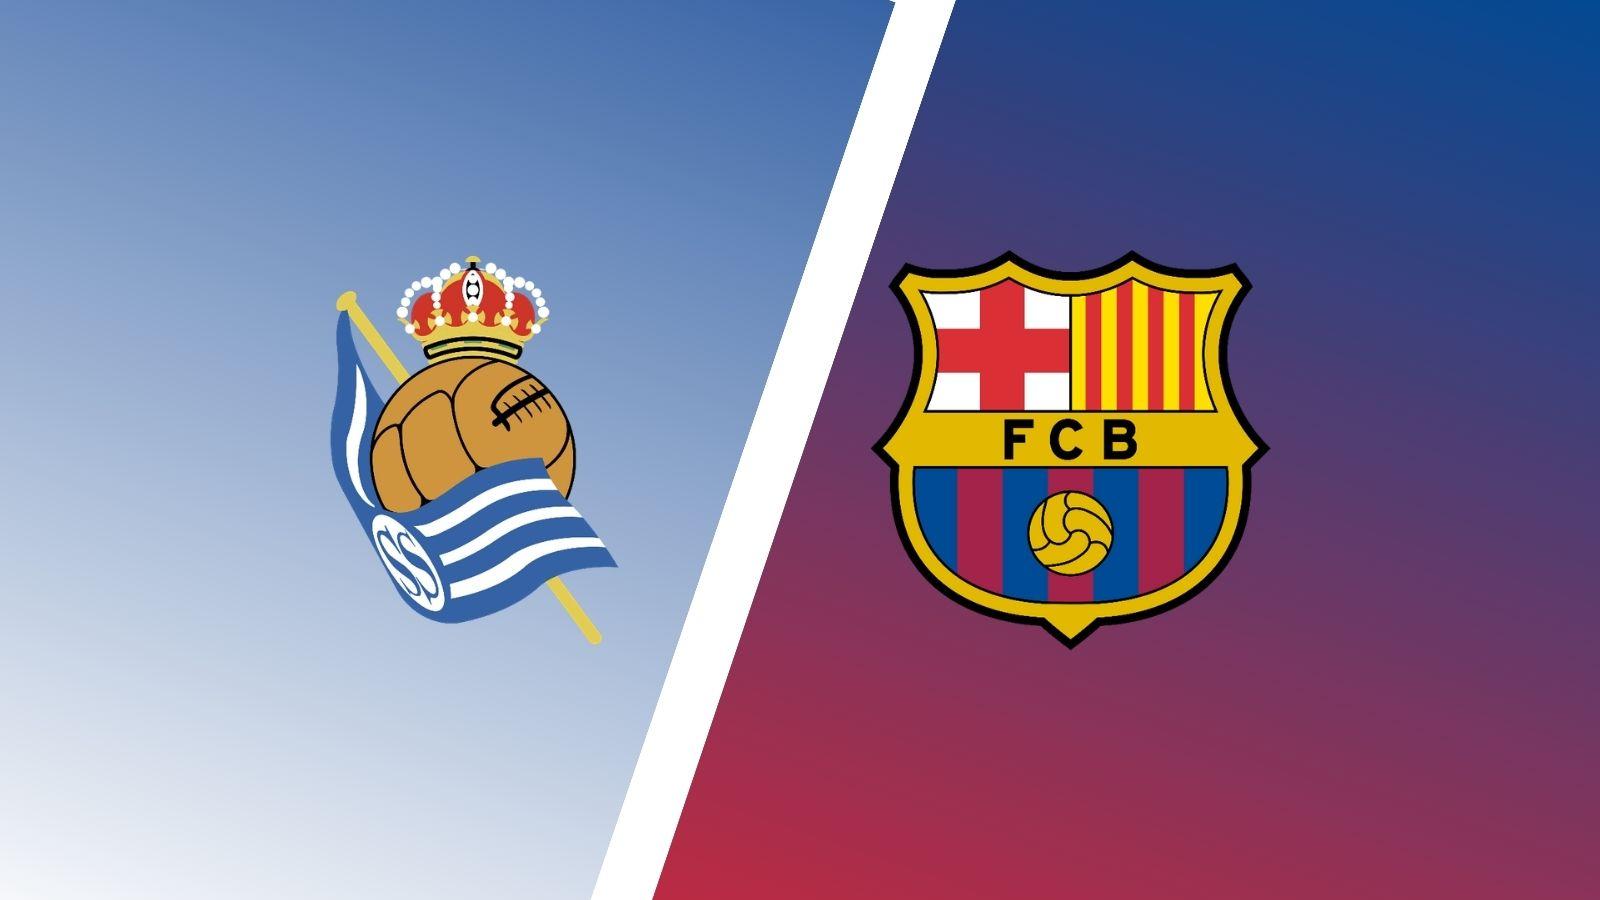 كل ما تريد معرفته عن مباراة برشلونة وريال سوسيداد اليوم في الدوري الإسباني